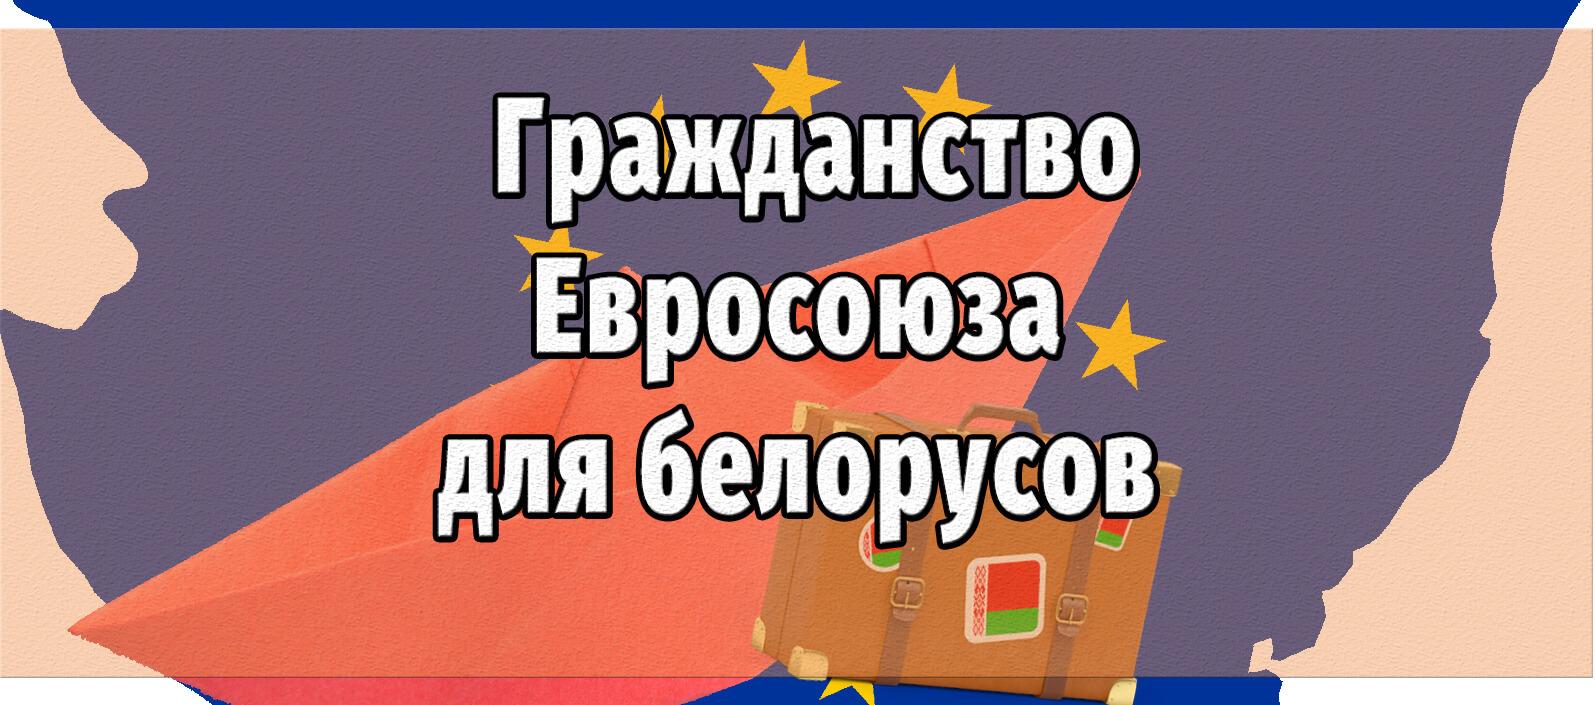 гражданство ес для белорусов